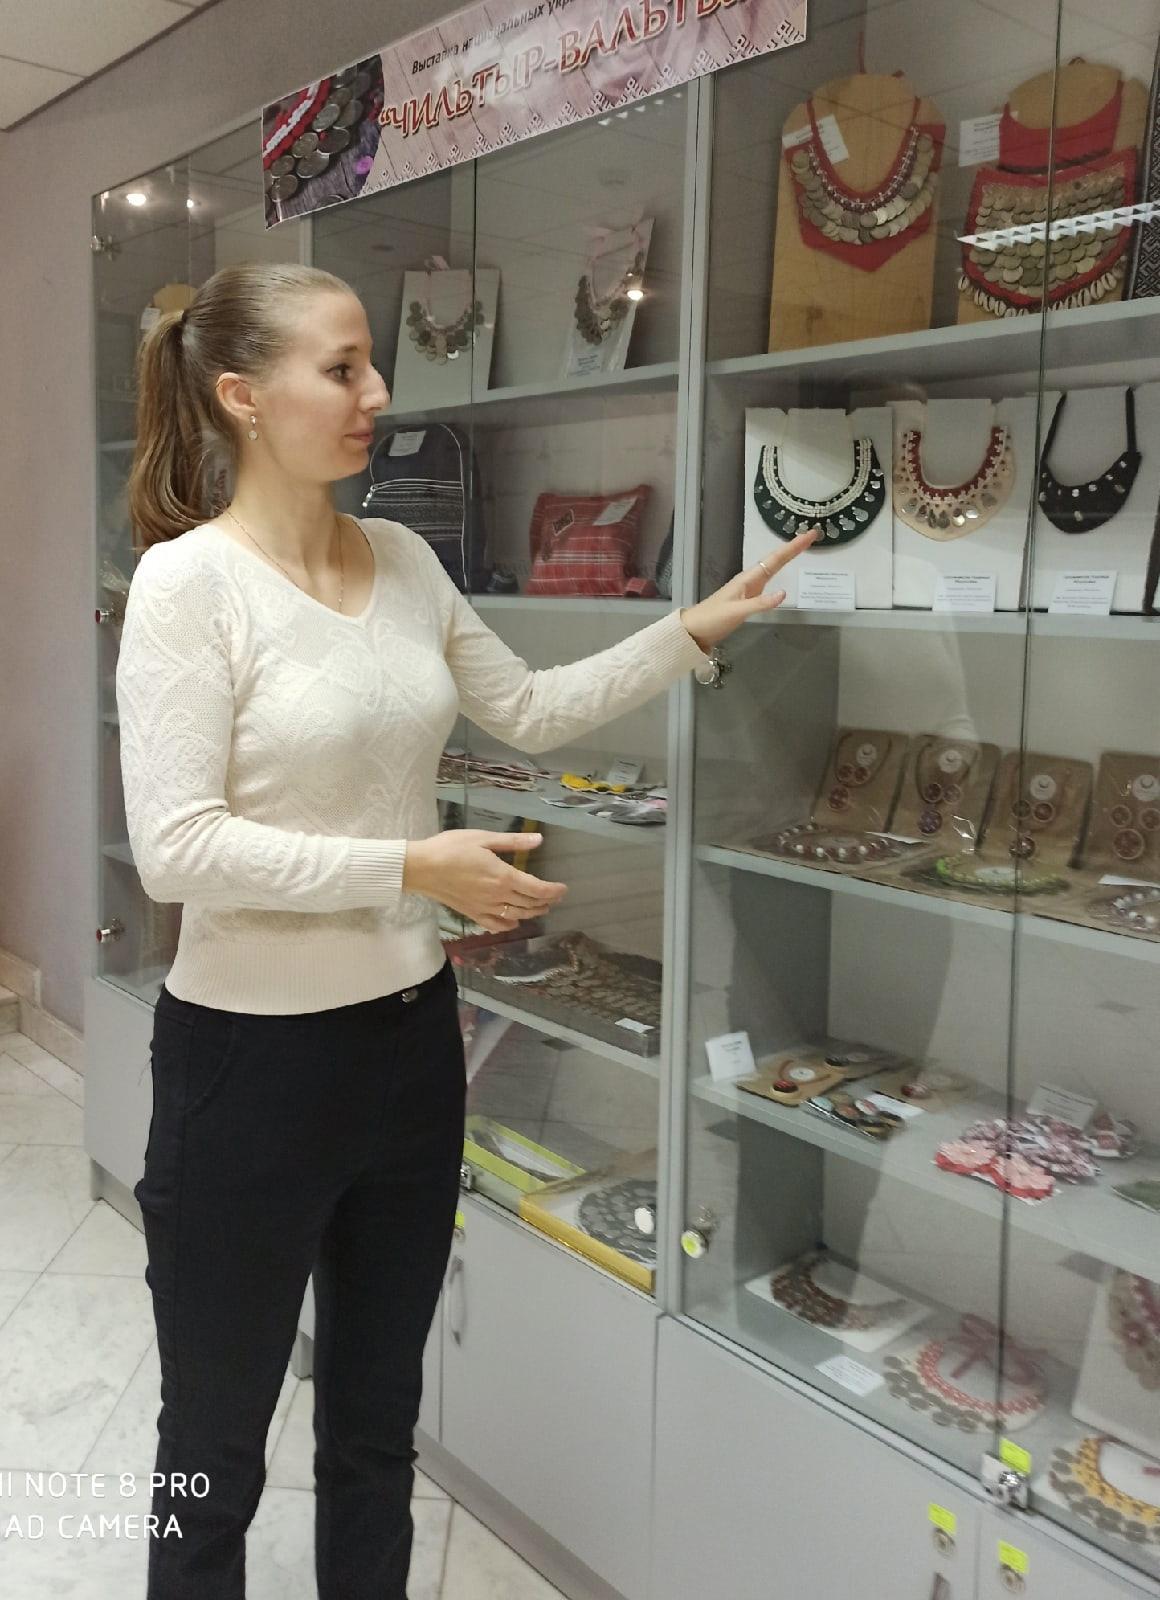 СЪЁМКИ.📽✨15 сентября прошли съёмки выставки национальных украшений